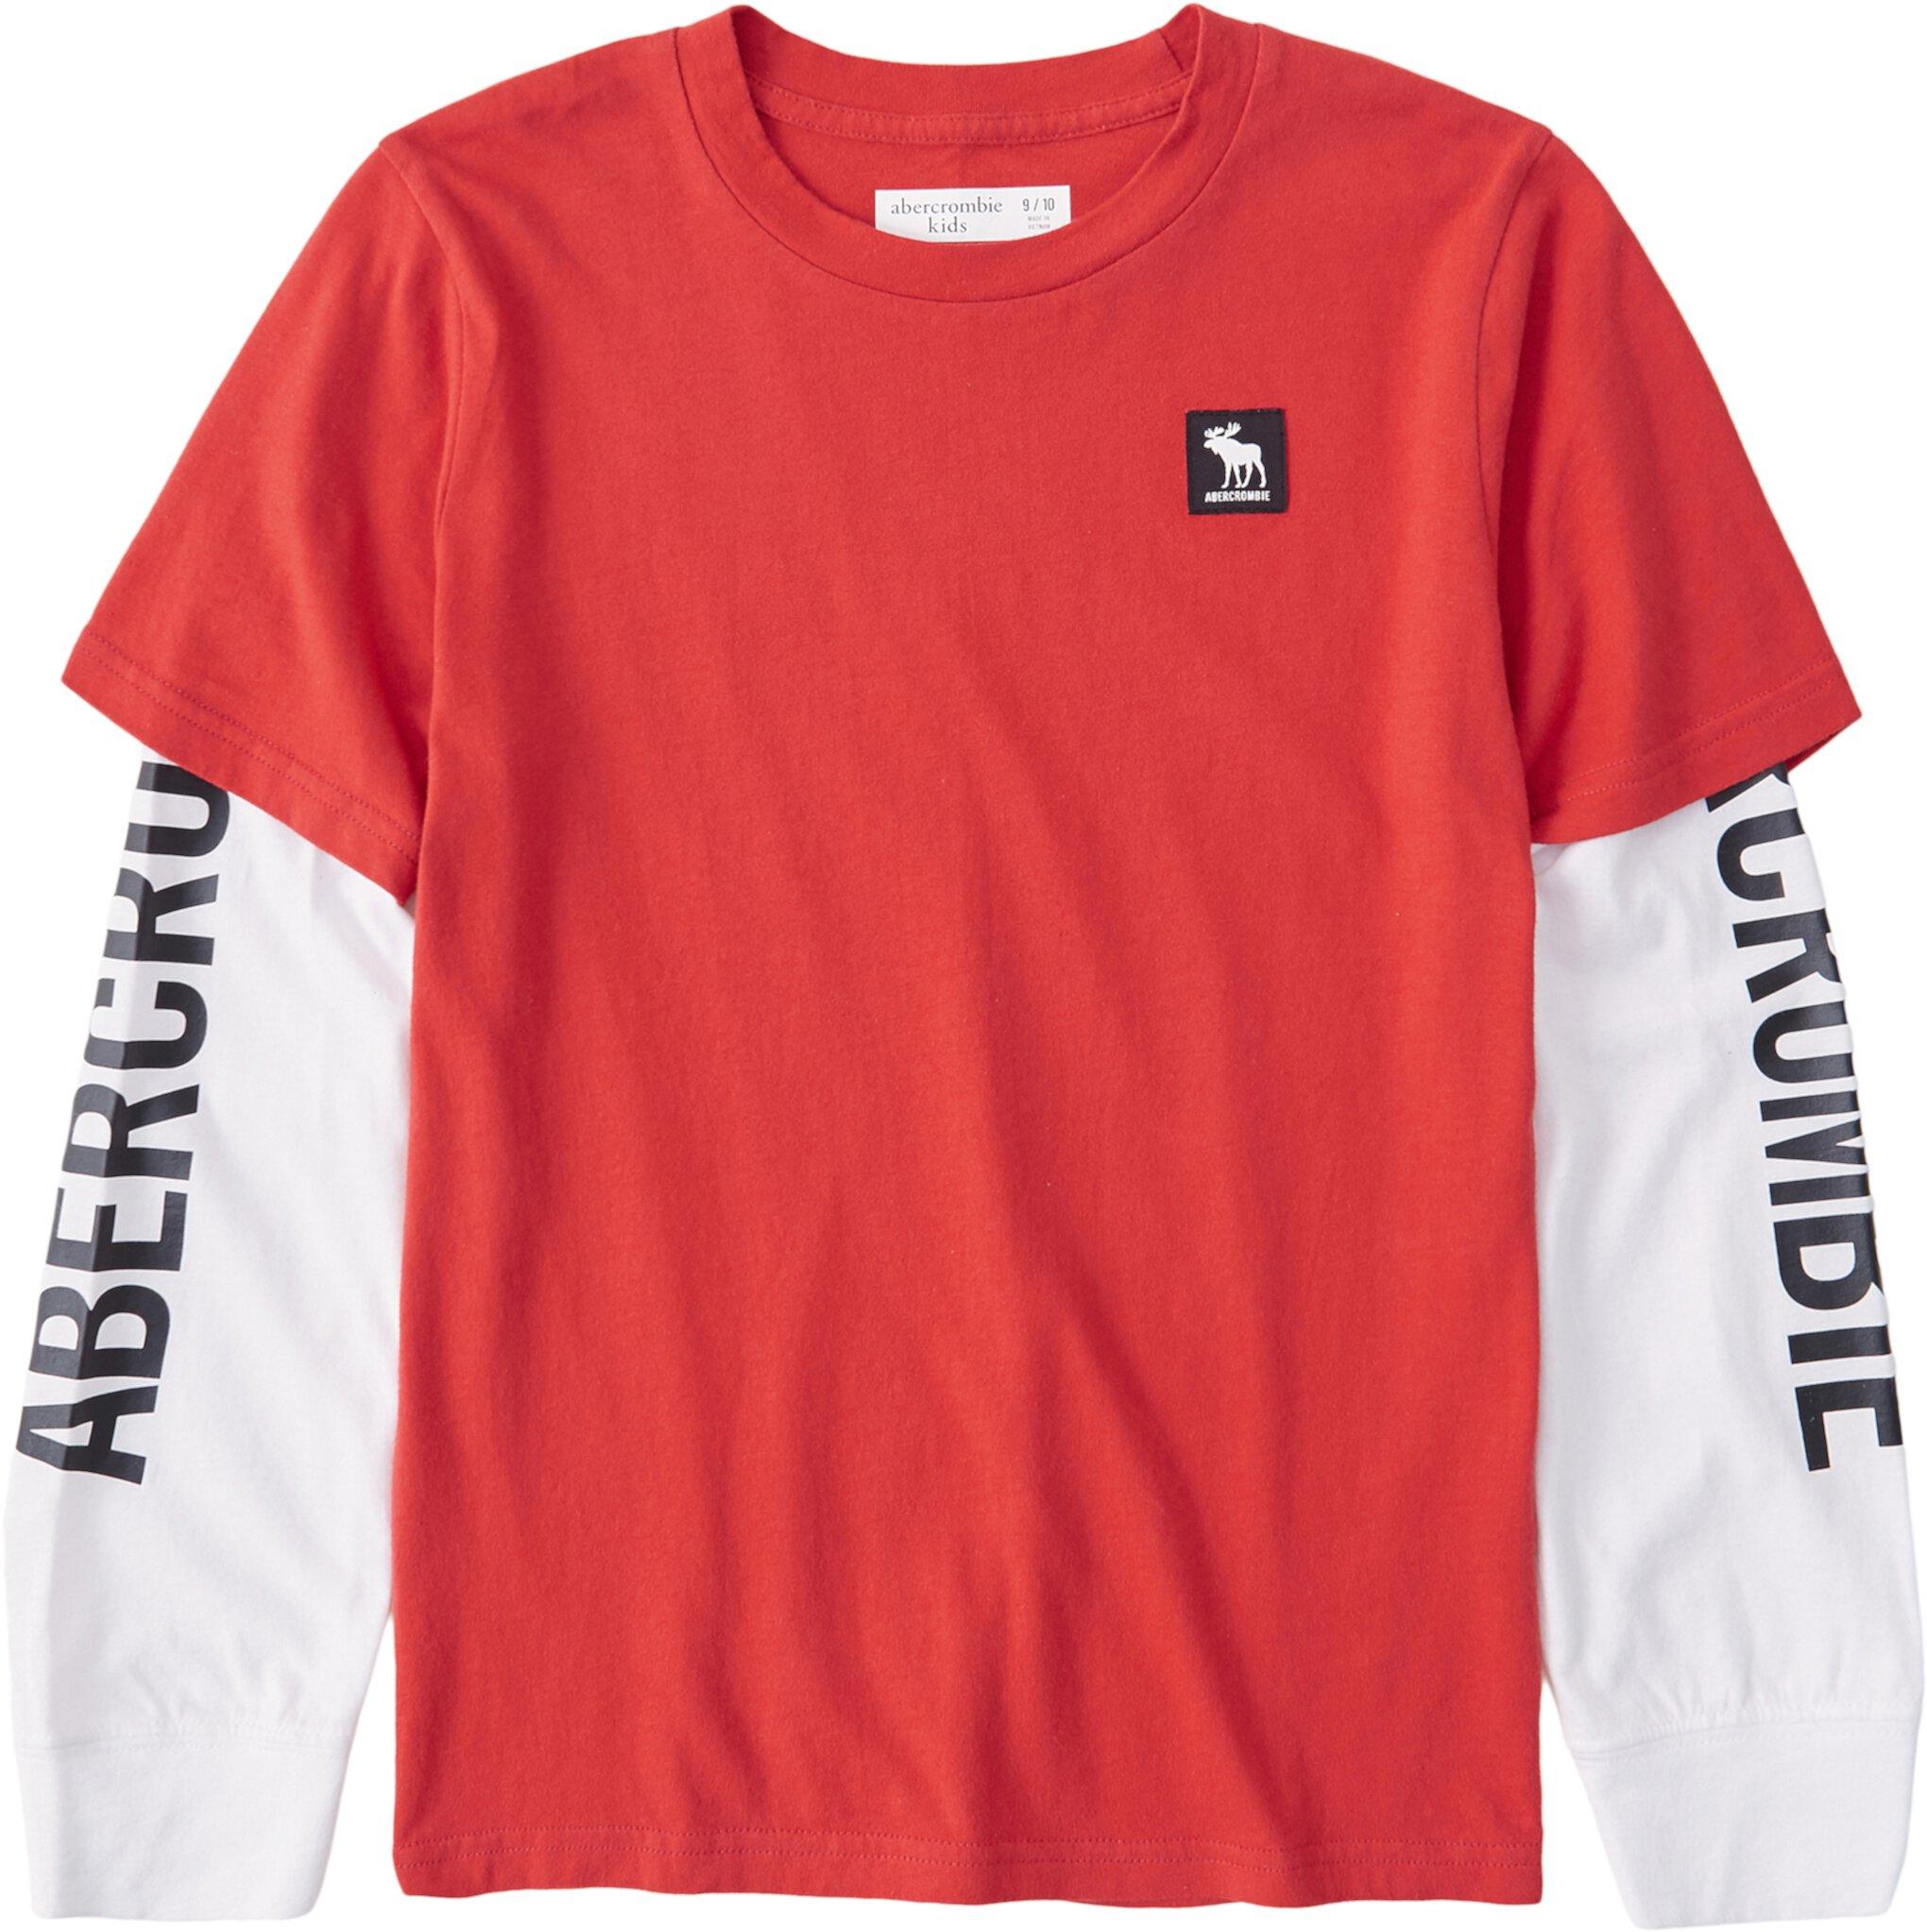 Футболка с длинным рукавом и принтом с логотипом (для детей младшего и школьного возраста) Abercrombie kids